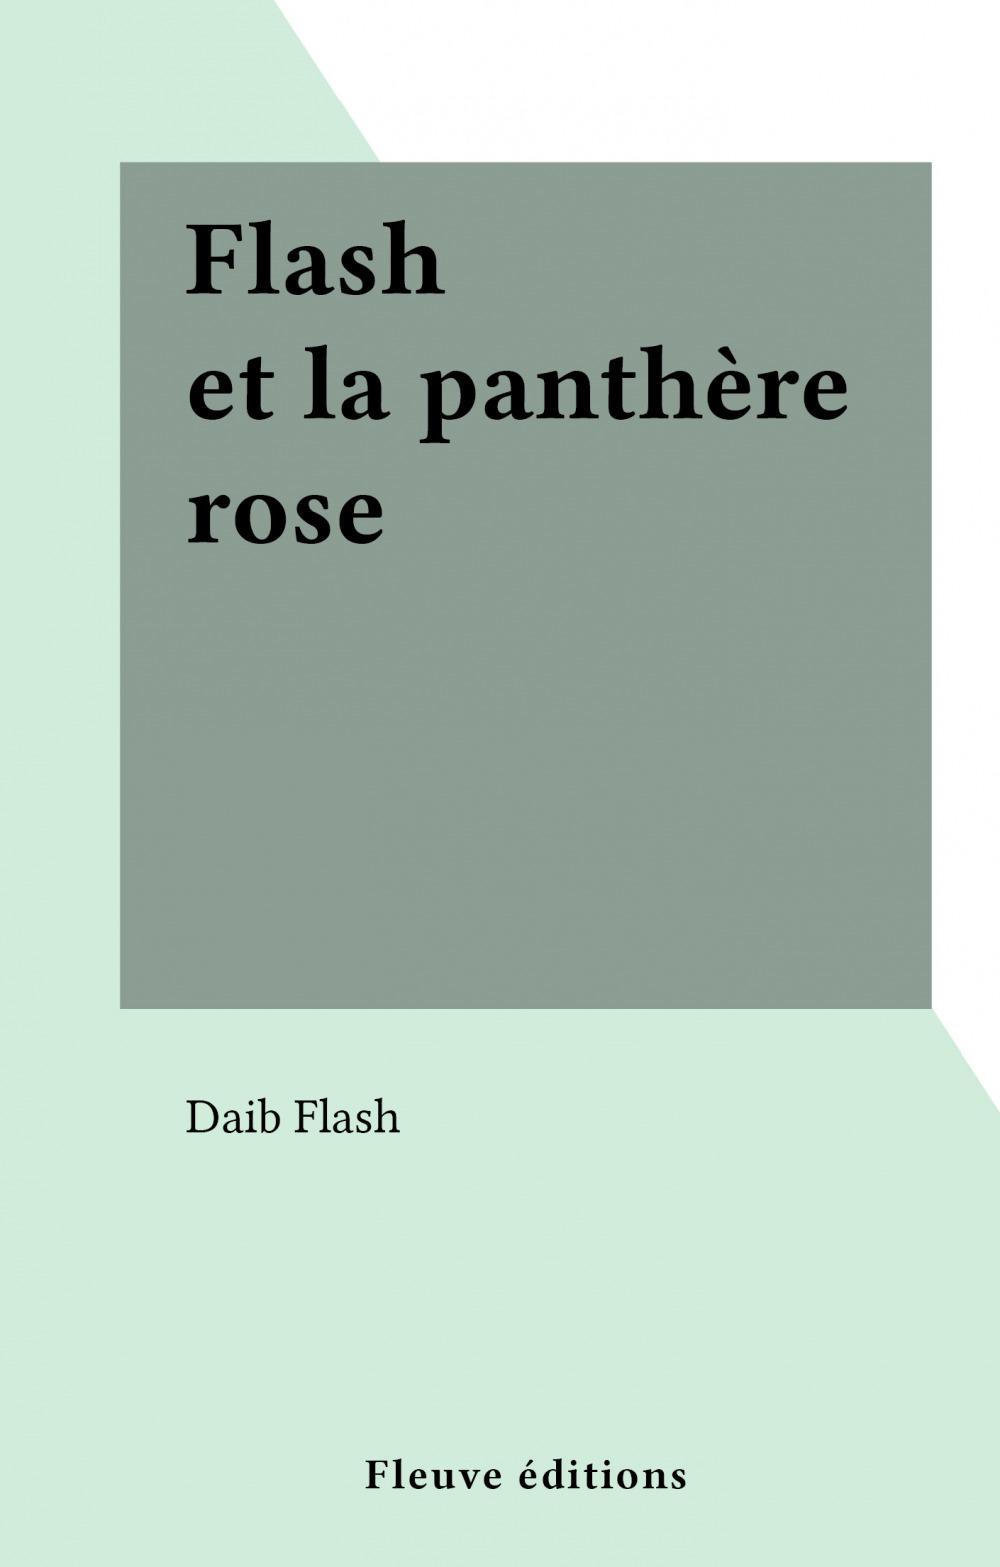 Flash et la panthère rose